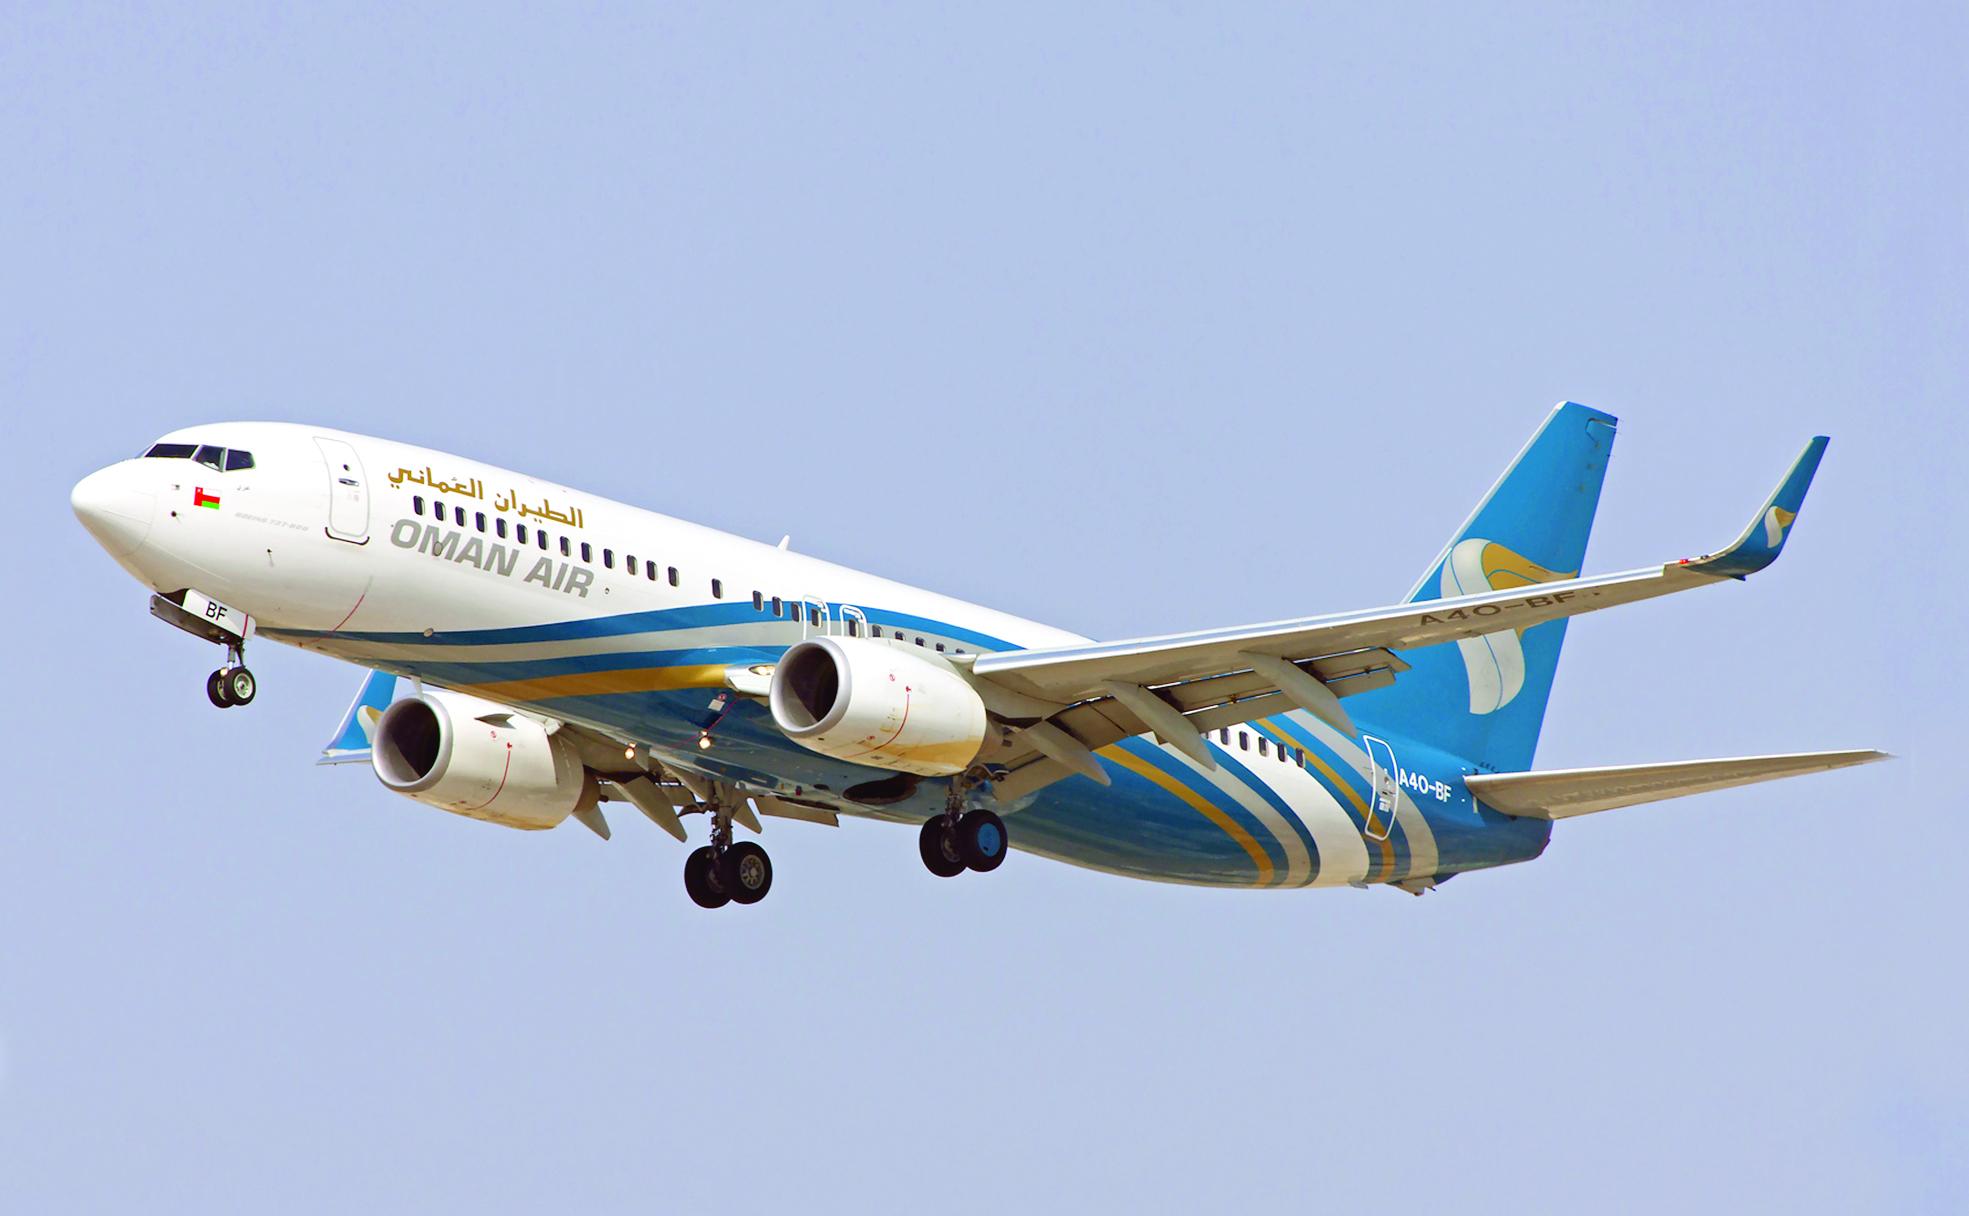 الطيران العُماني يدشن رحلات يومية إلى مشهد في إيران .. تعرف على سعر التذكرة